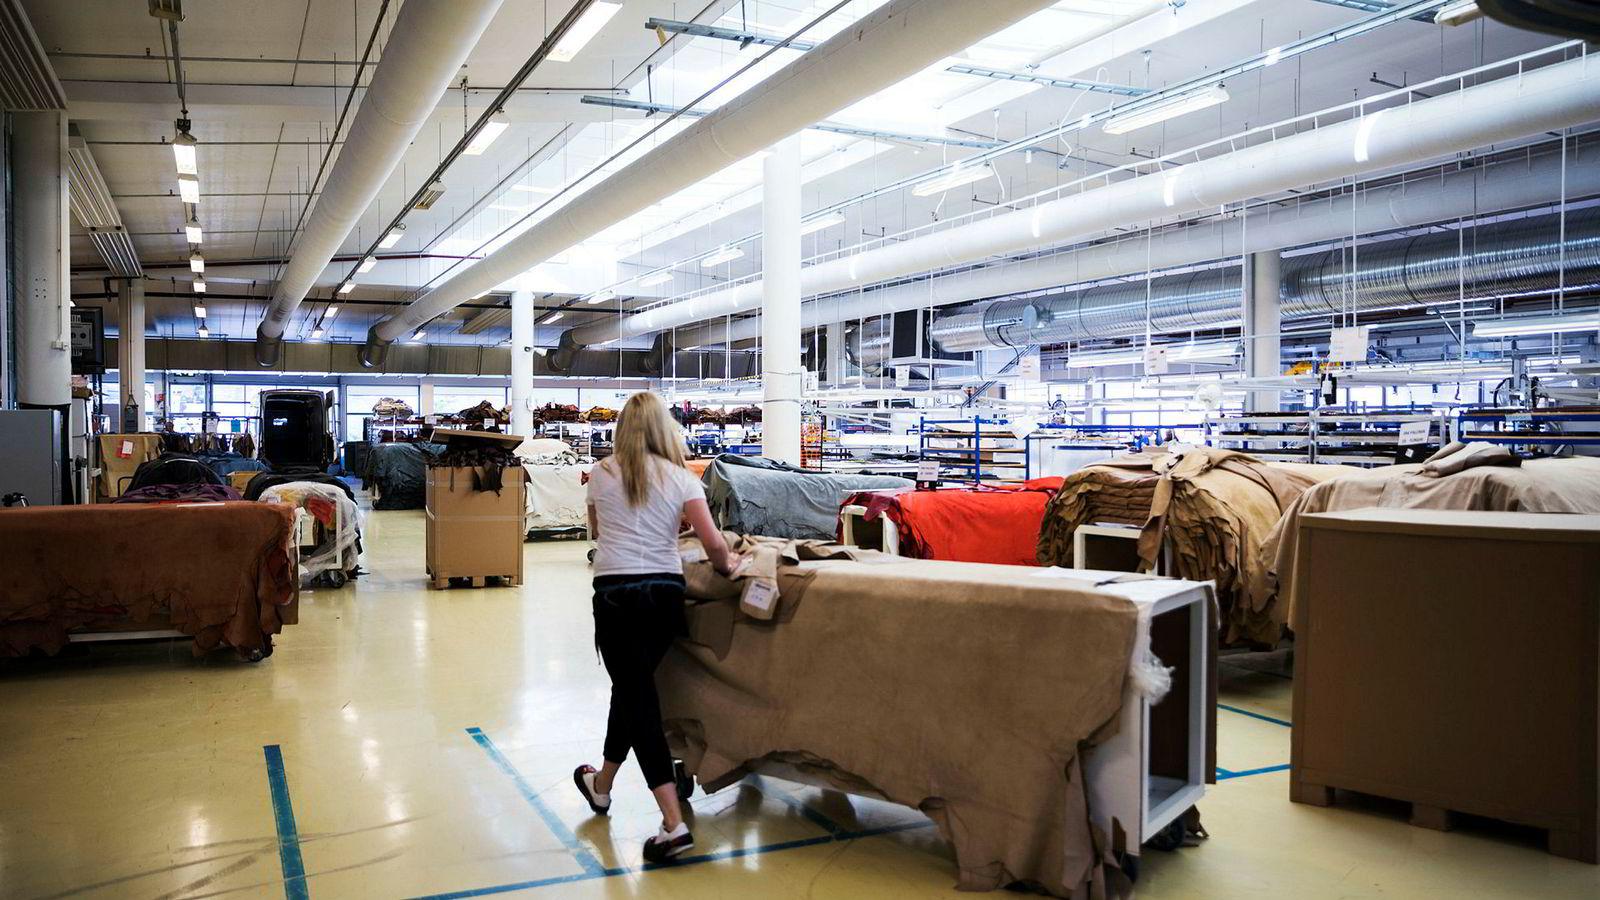 Møre-bedriften Ekornes har fått nye, kinesiske eiere – som ikke sliter med formuesskatt. Her fra produksjonen på en av Ekornes' fabrikker.